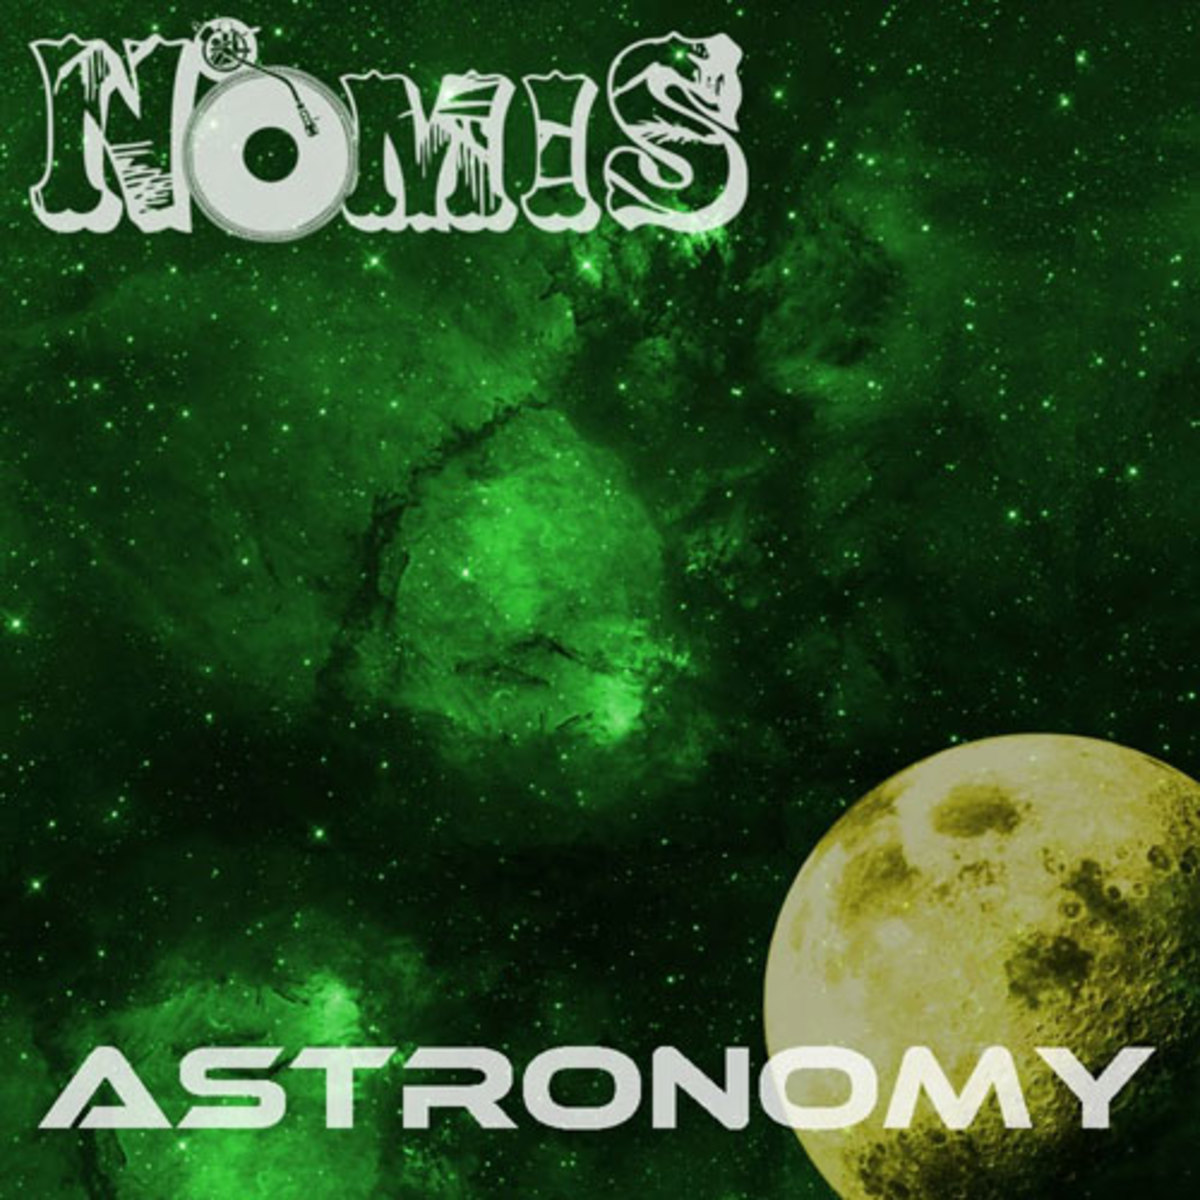 nomis-astronomy.jpg